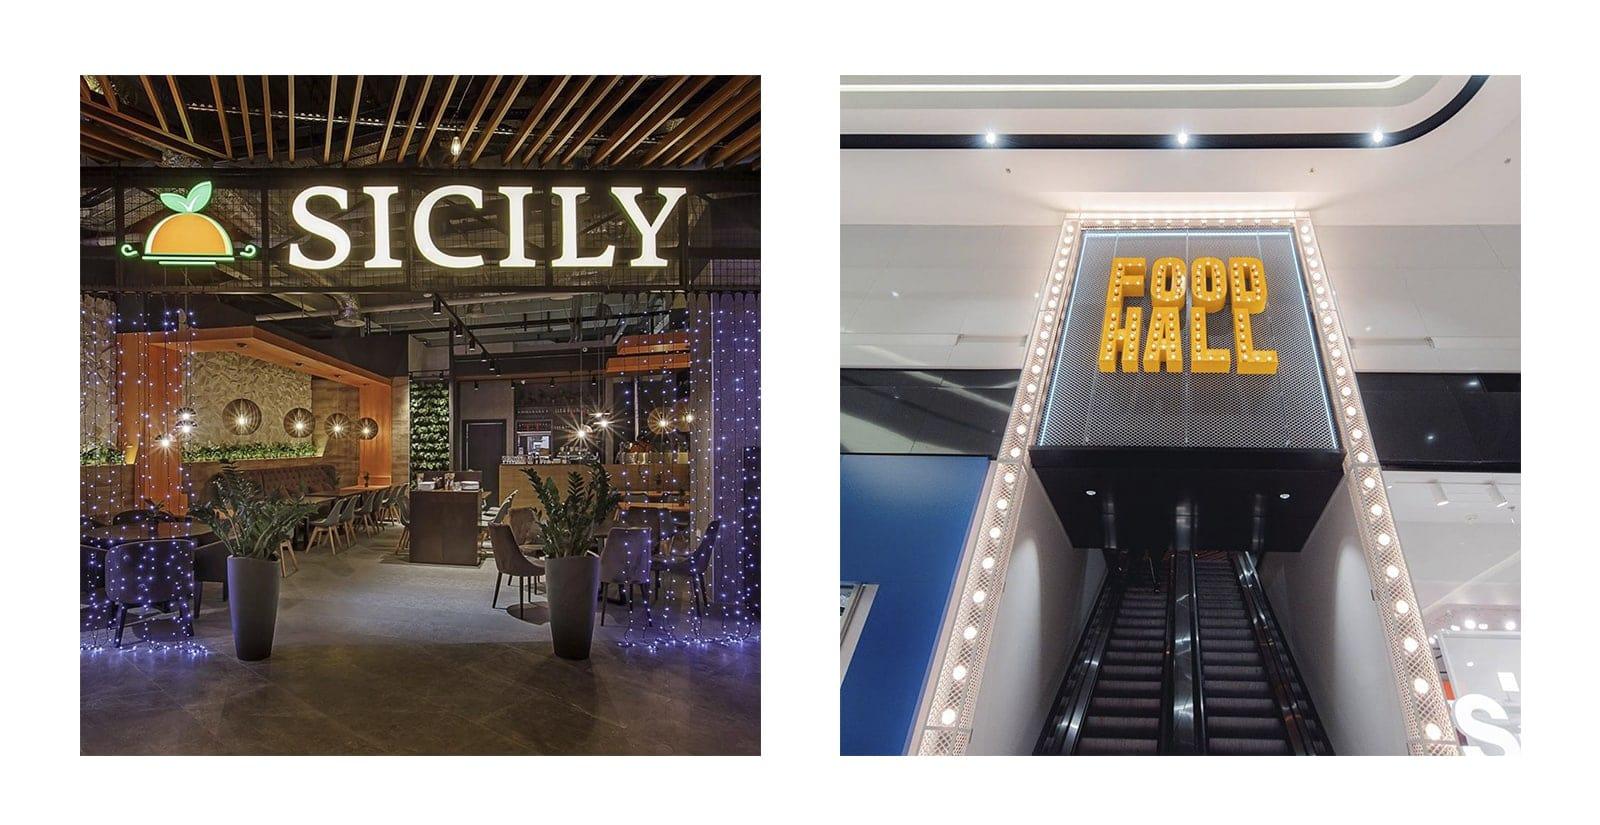 Італійський ресторан Sicily на фудхолі у Lavina Mall пропонує хіти сицилійської кухні